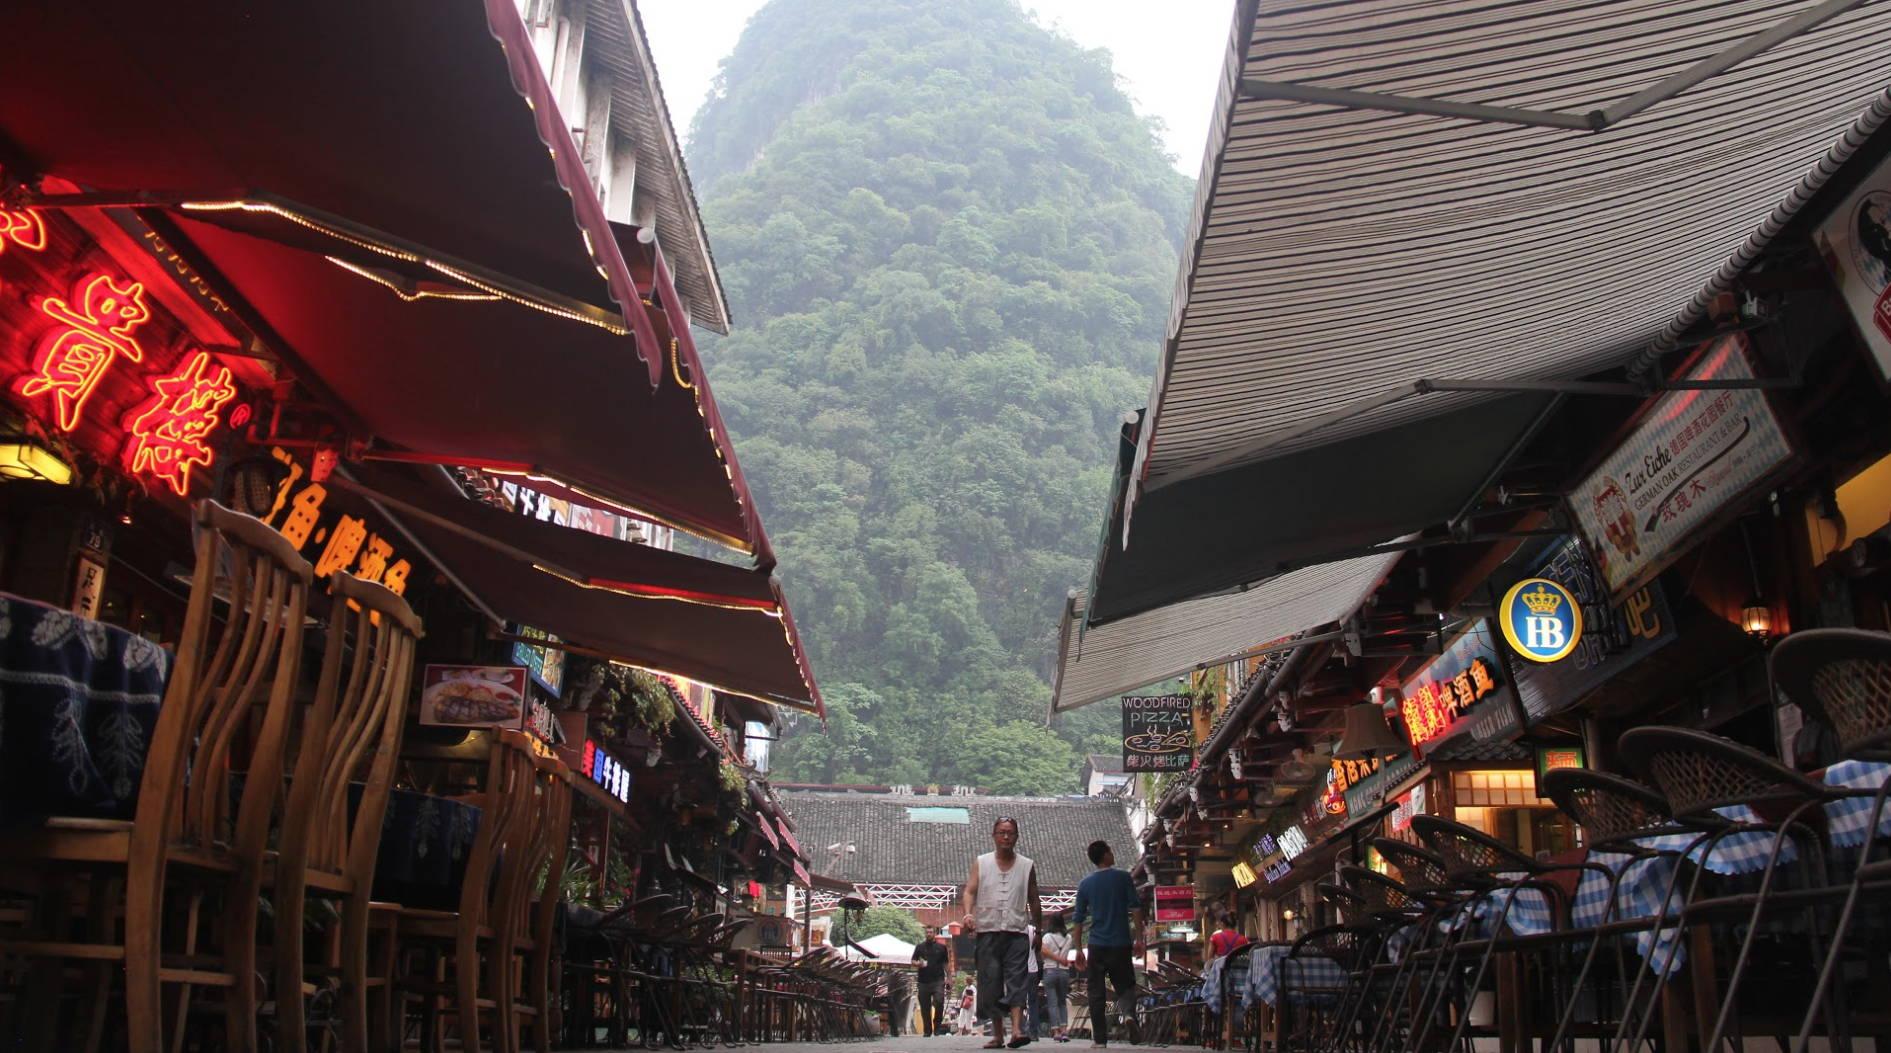 Market in Shenzhen China